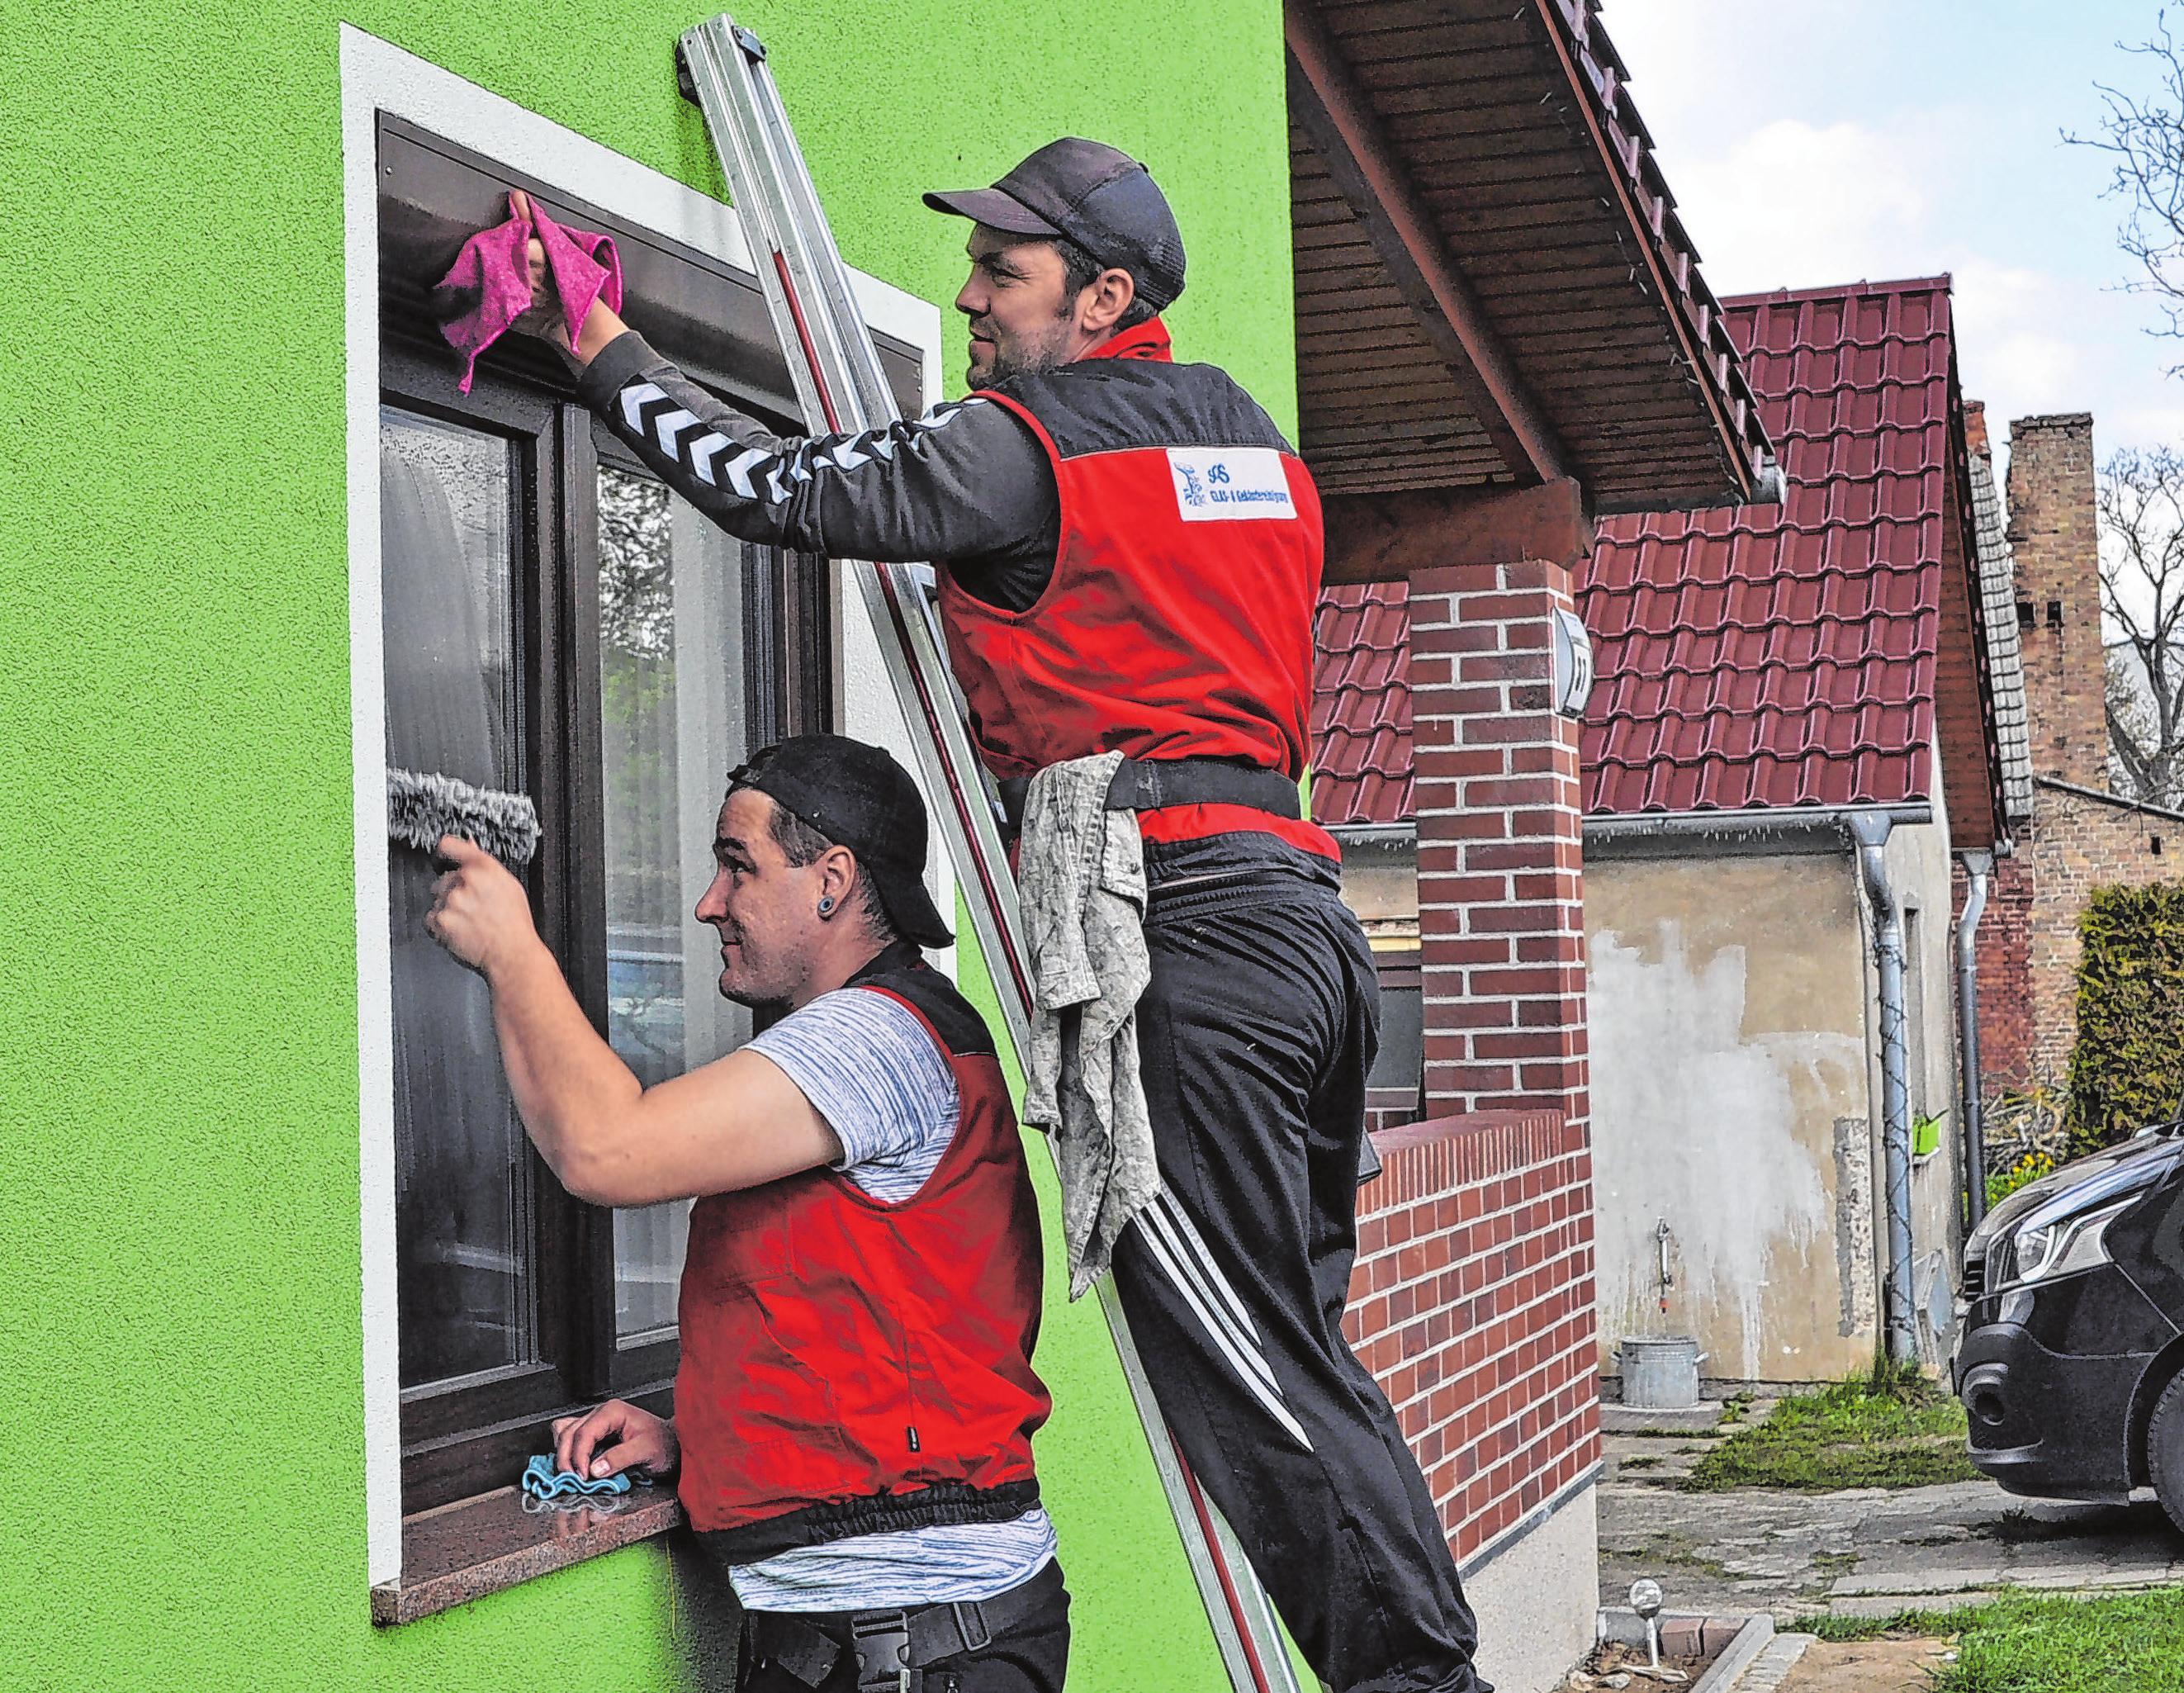 Sorgen für Sauberkeit und klaren Durchblick - die Mitarbeiter der SOS Glas- & Gebäudereinigung aus Seelow.